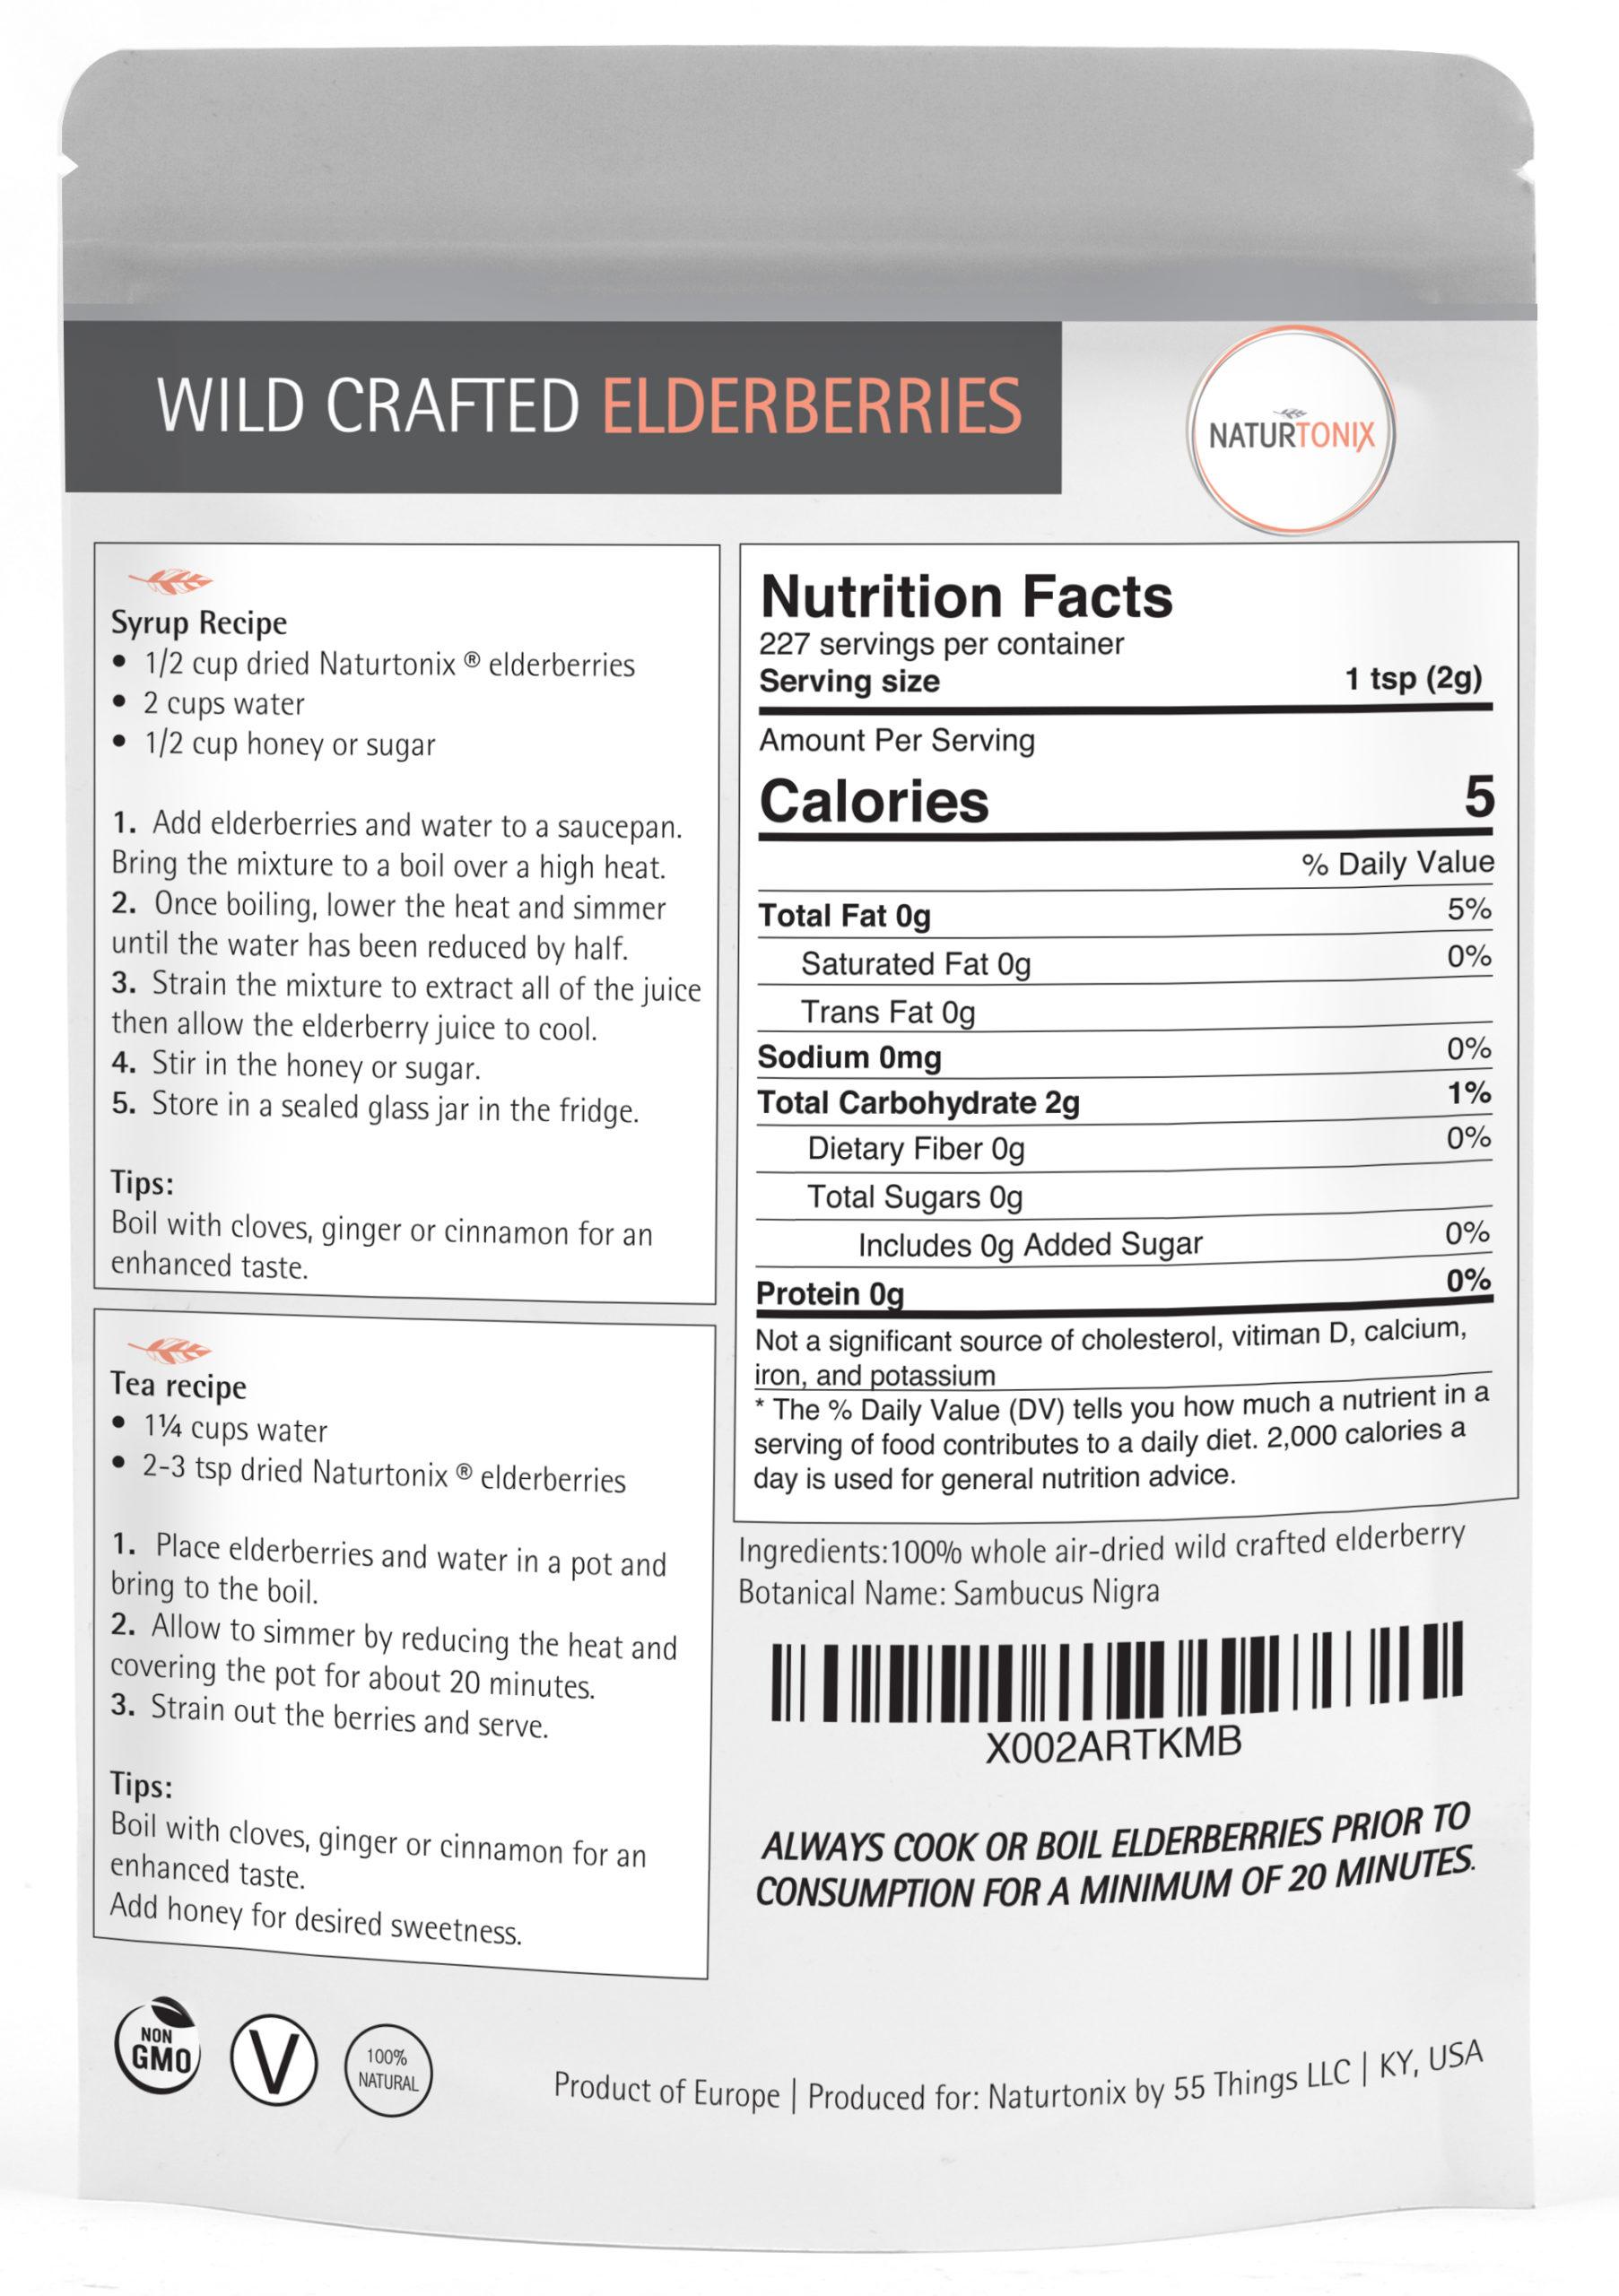 Naturtonix Wildcrafted Elderberries Details